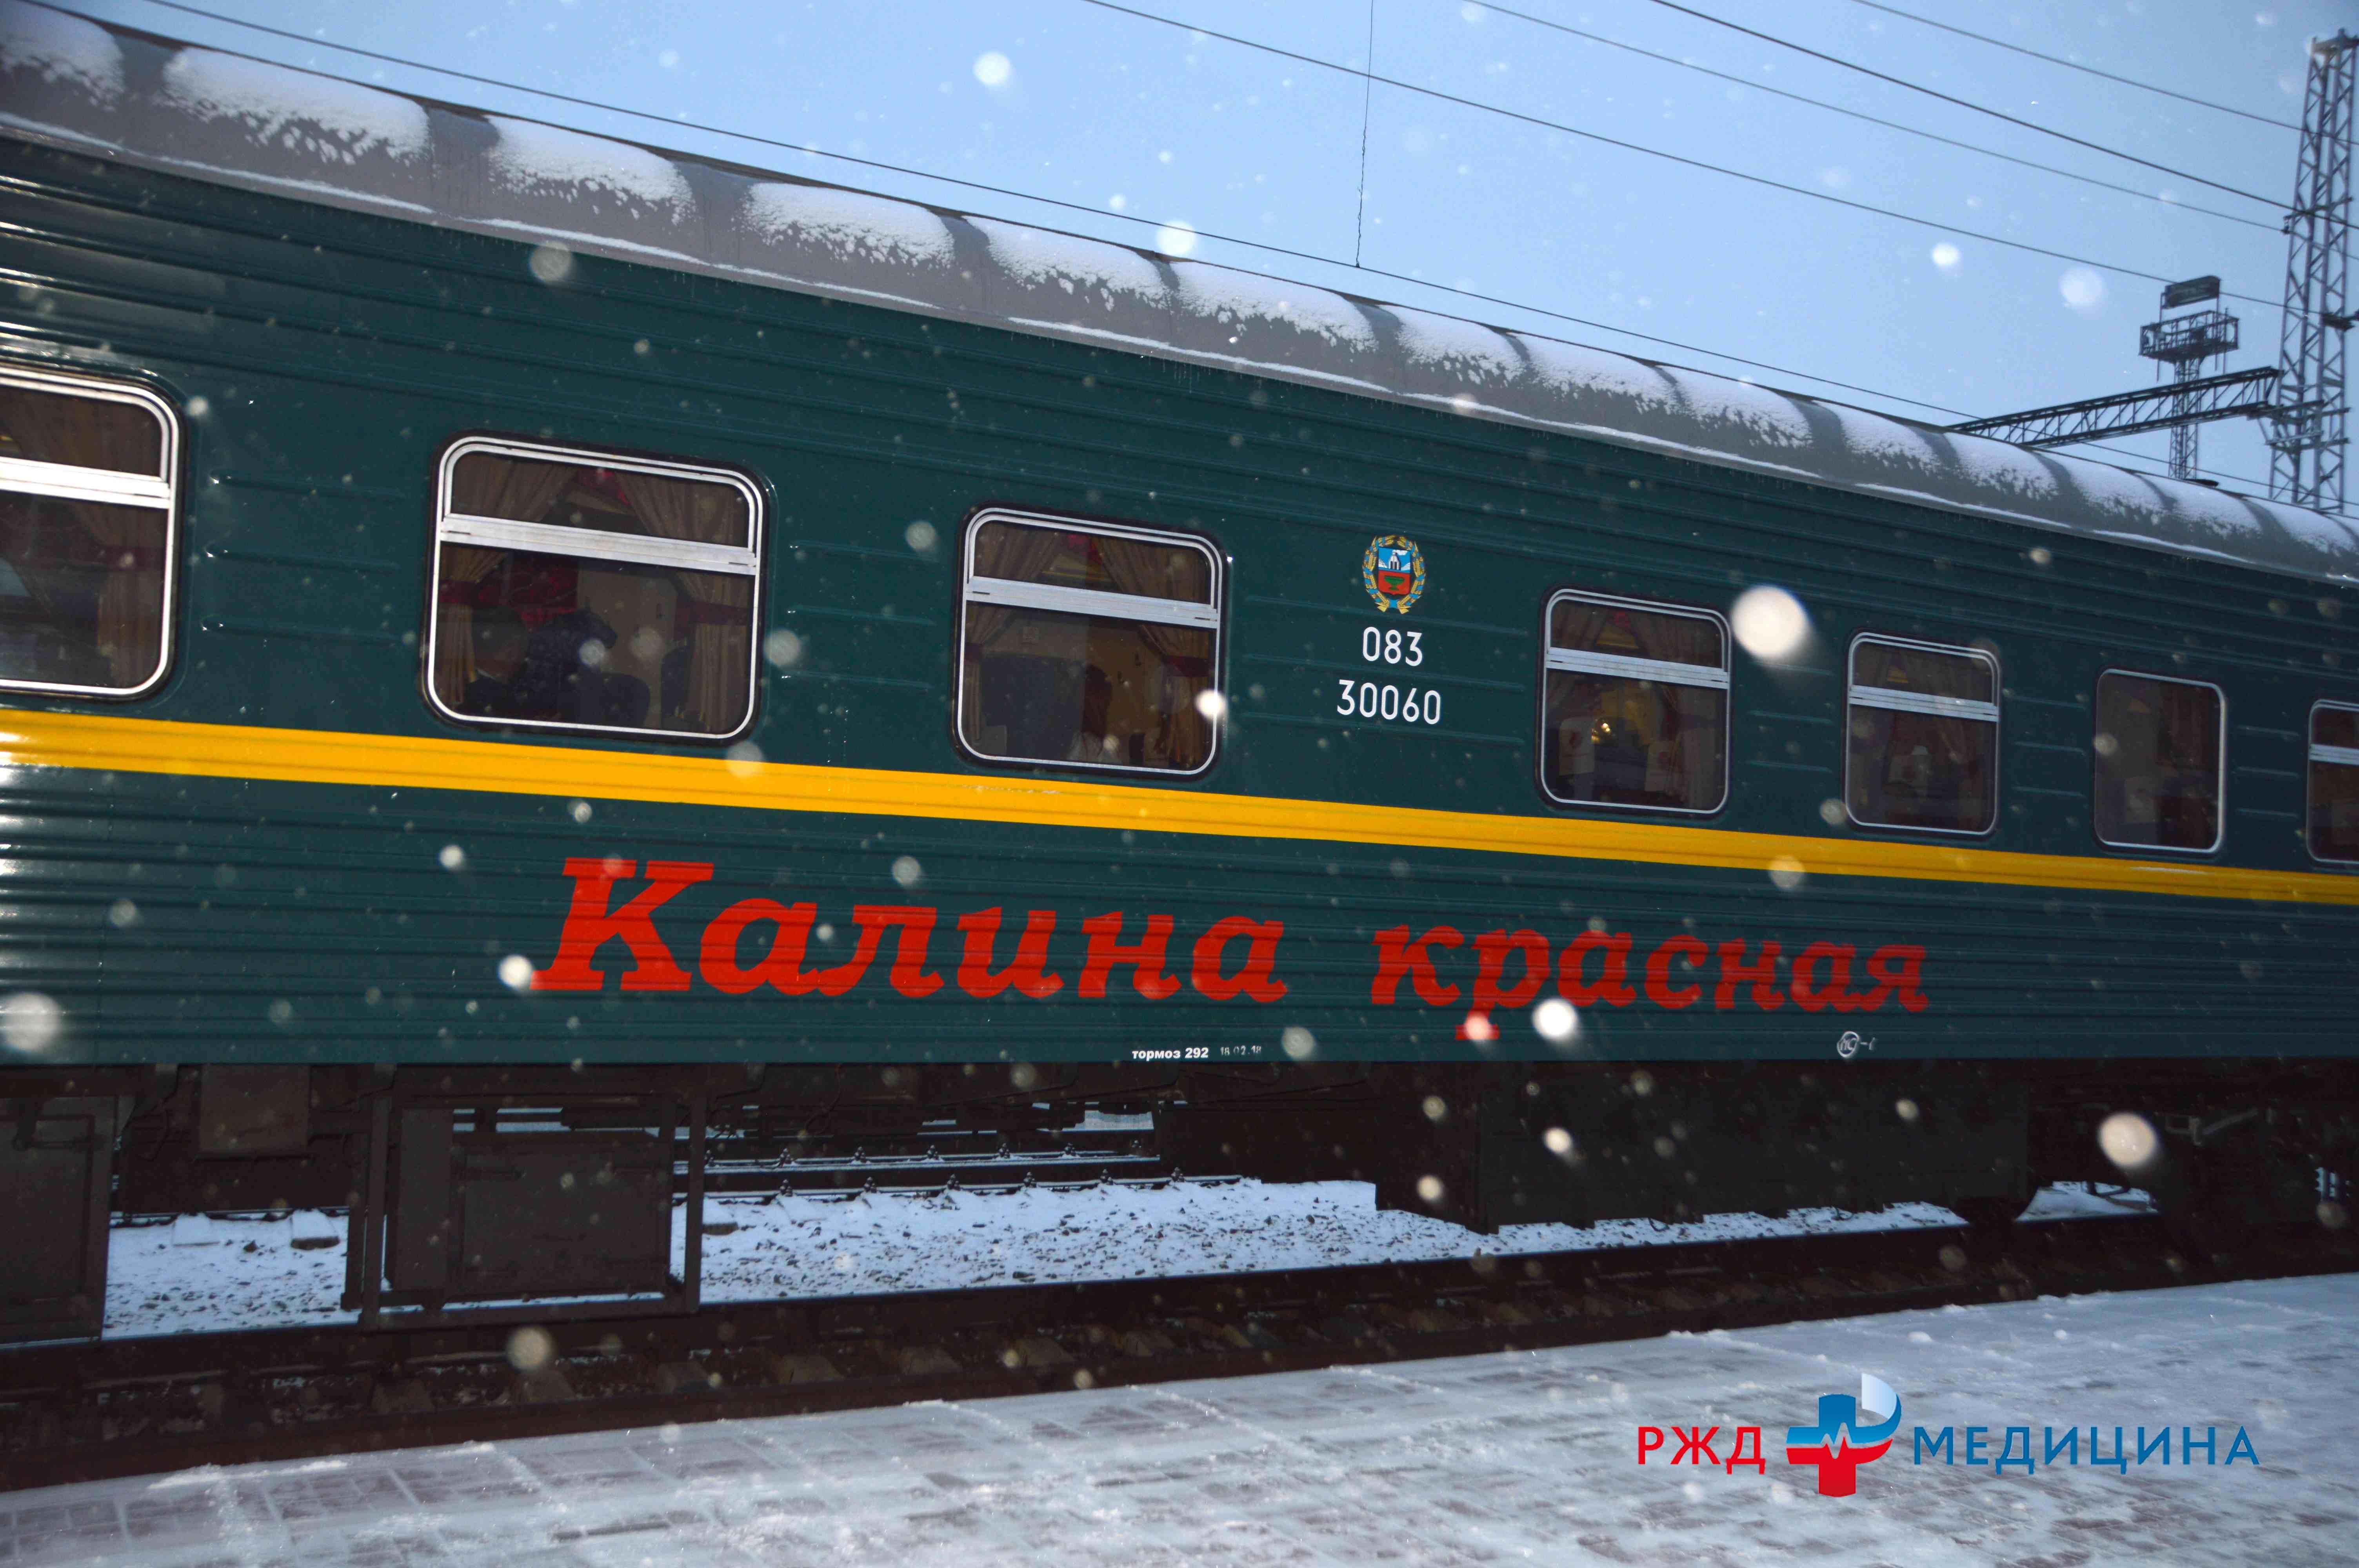 сигаретах калина красная поезд картинки столяров популярный